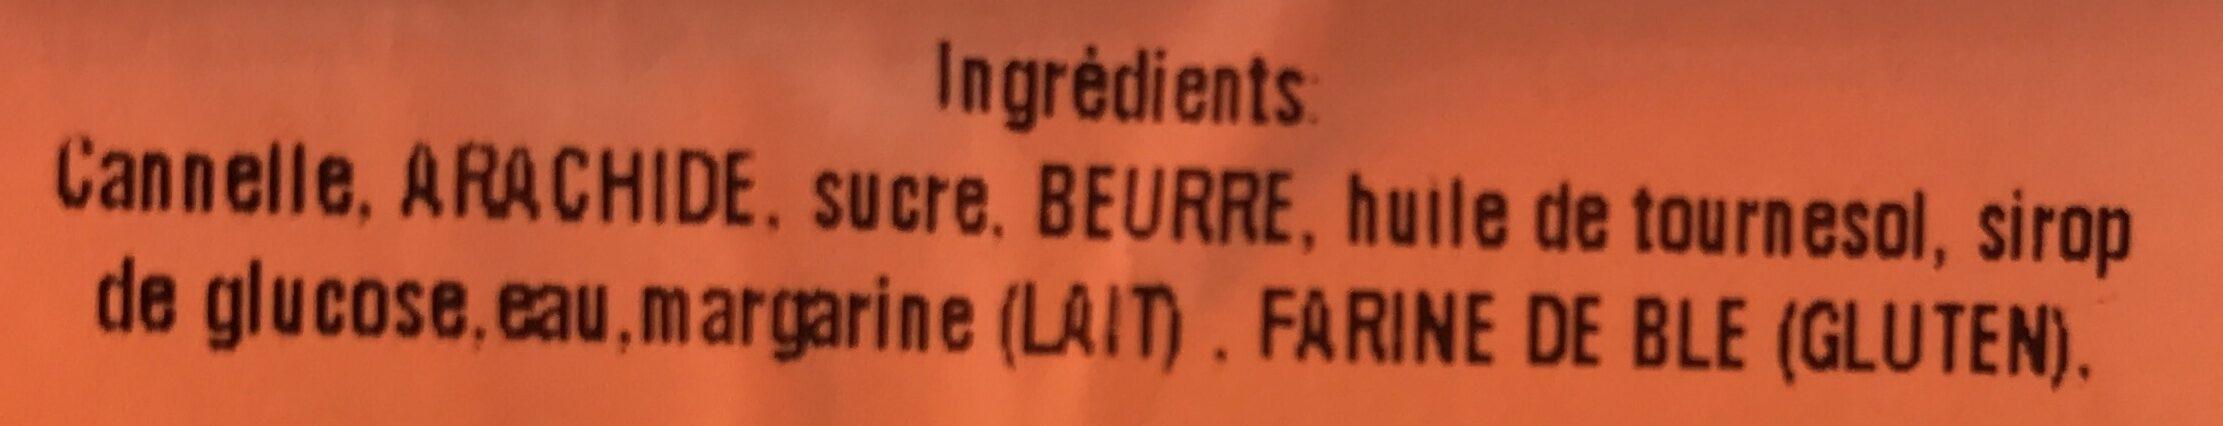 Assortiment de petits fours libanais - Ingrediënten